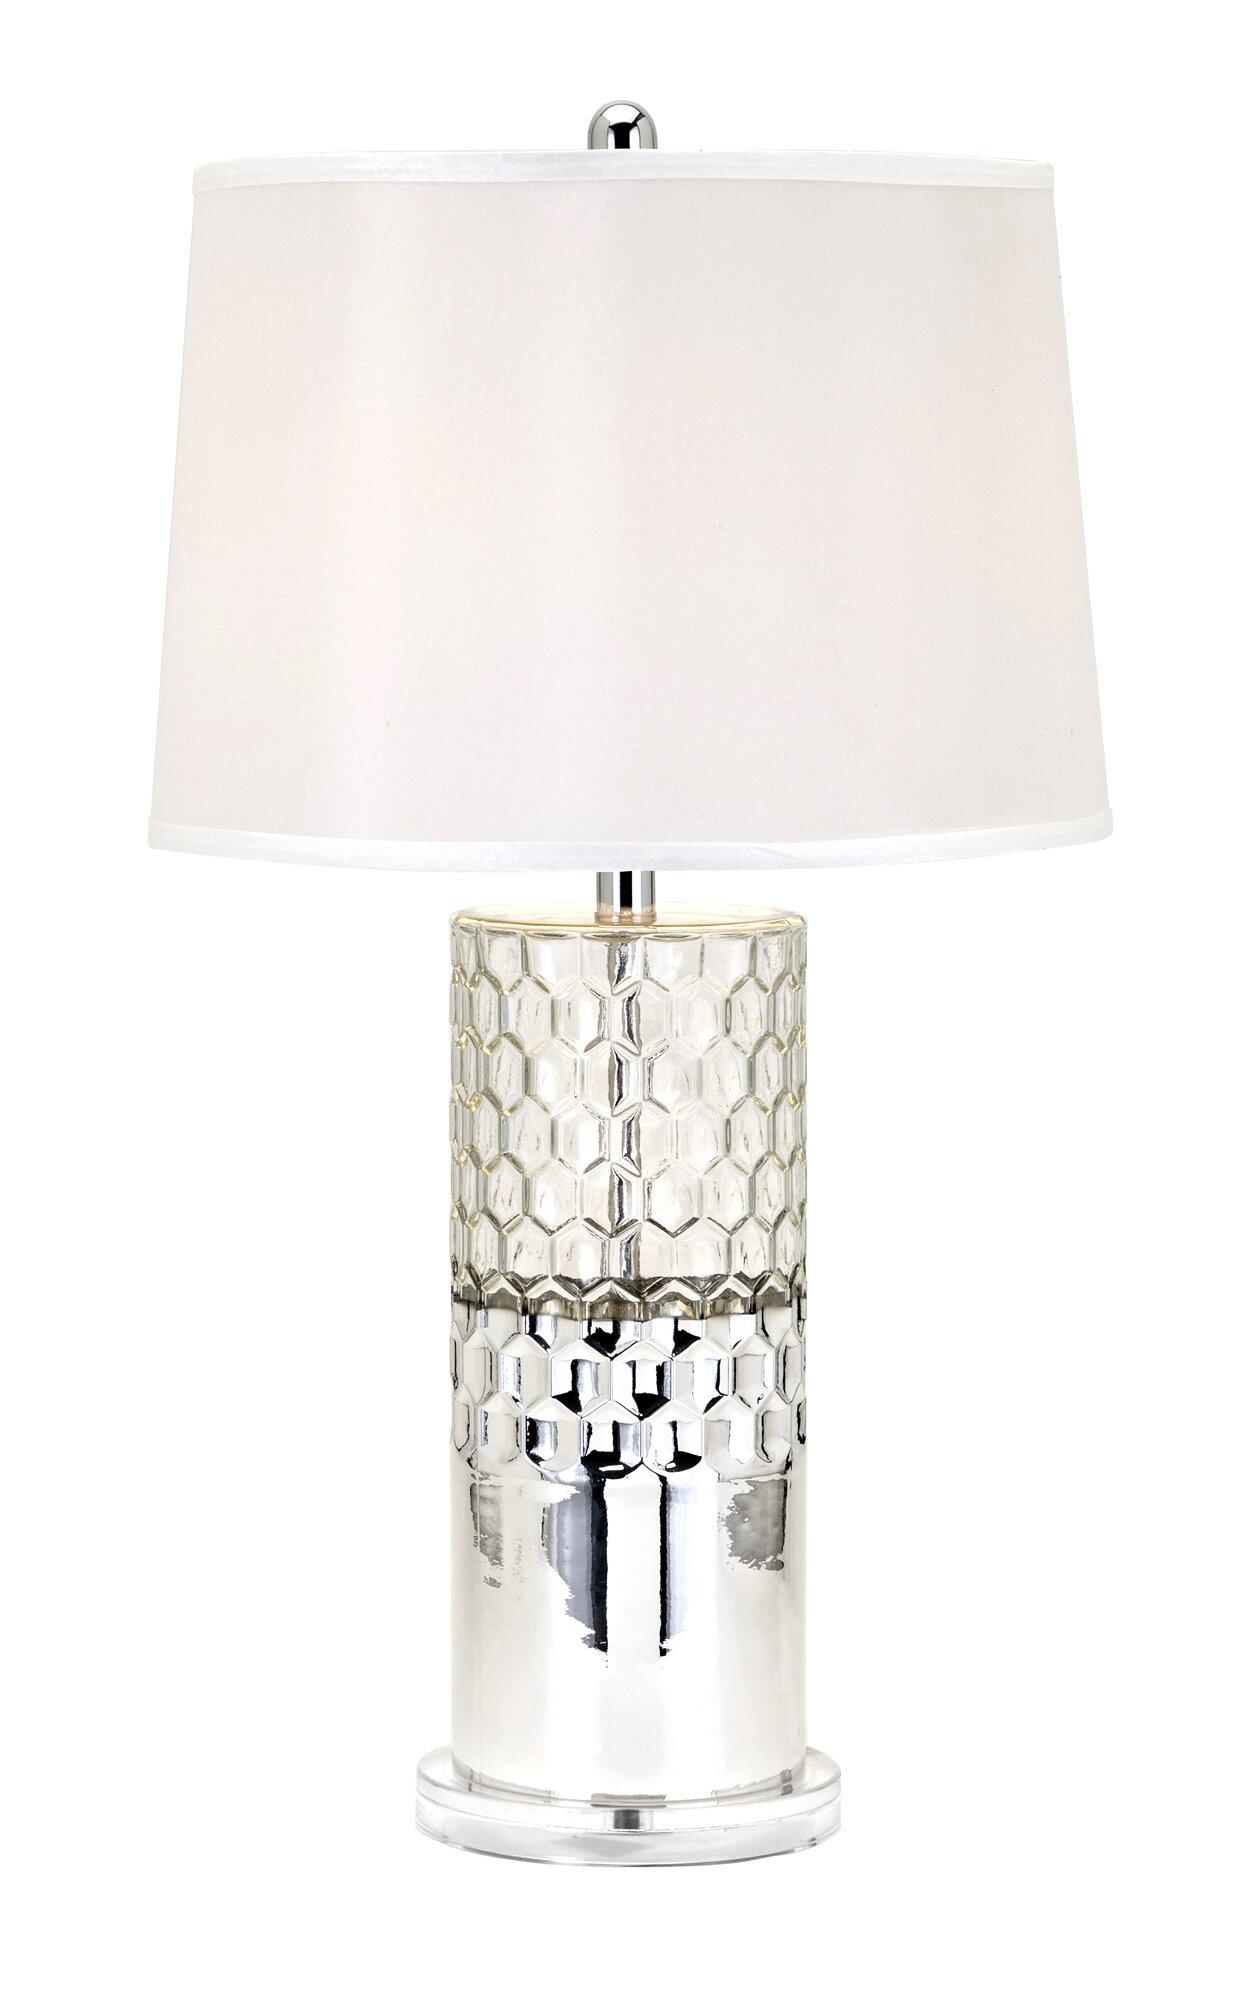 Mercer41 Kistler 30 Table Lamp Wayfair